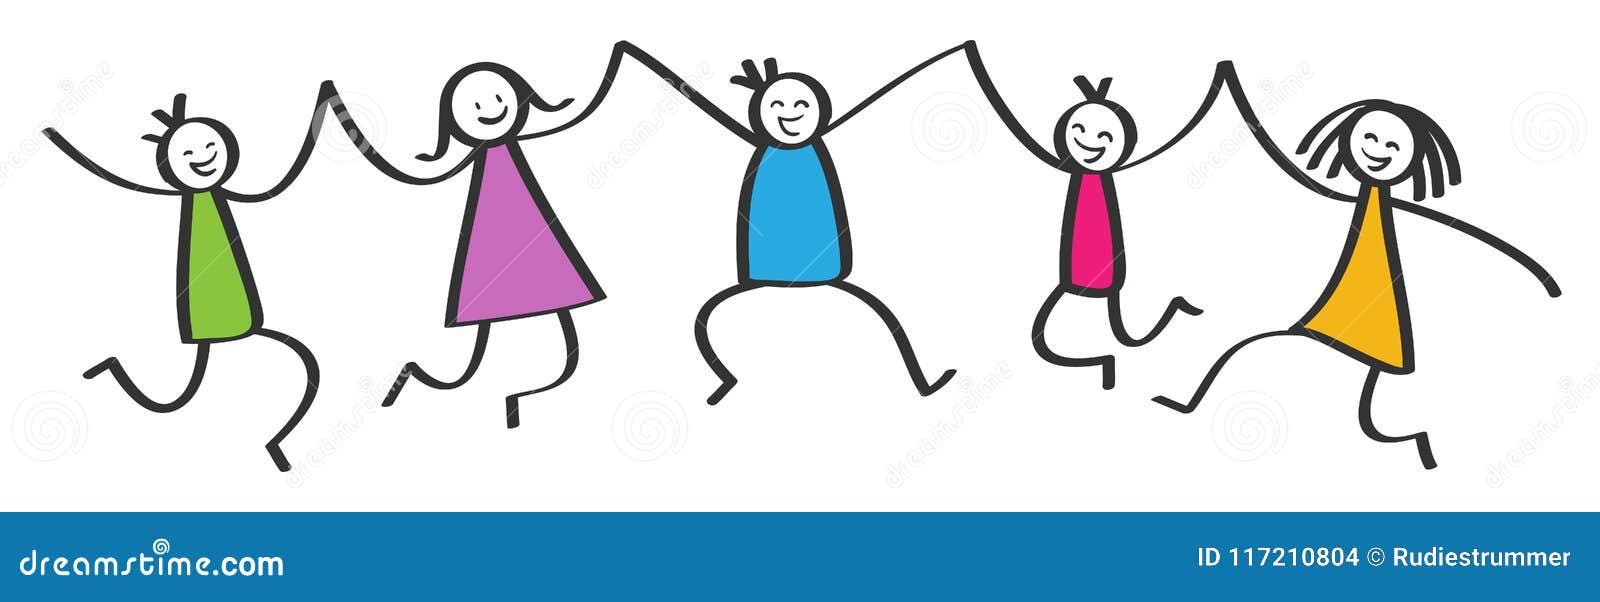 简单的棍子形象,跳跃五个愉快的五颜六色的孩子,举行手,微笑和笑